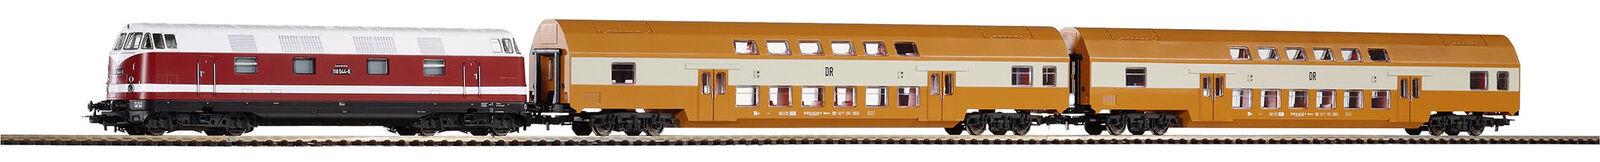 grande vendita PIKO 57135 Estrellatset DIESEL BR 118 + 2 bastone doppio doppio doppio autorello DR h0  vieni a scegliere il tuo stile sportivo